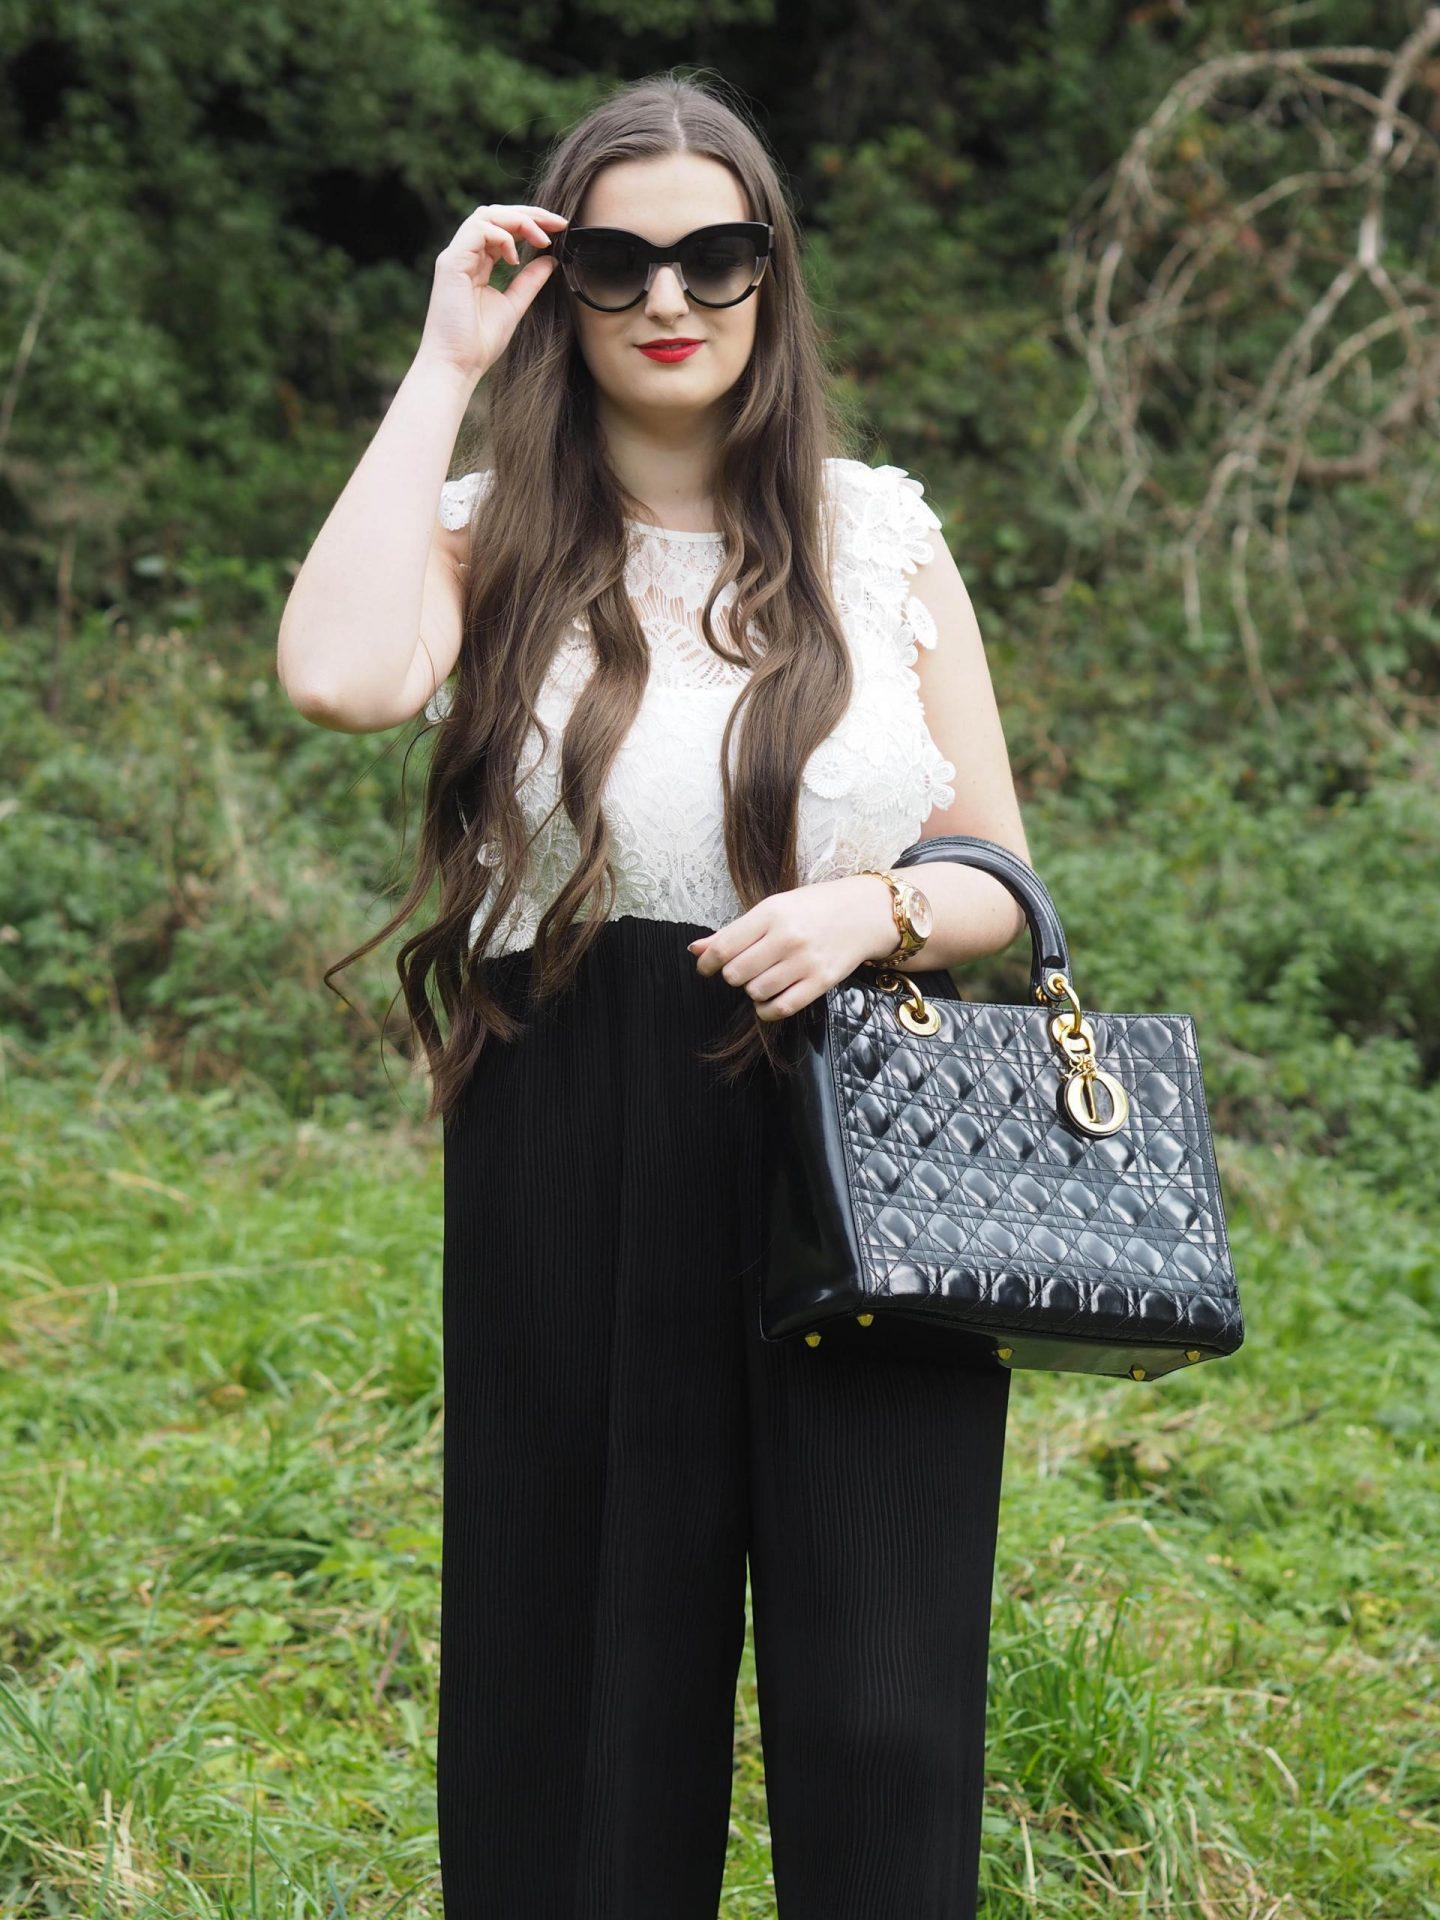 the-delphine-jumpsuit-by-dahlia-rachel-nicole-uk-fashion-blogger-4